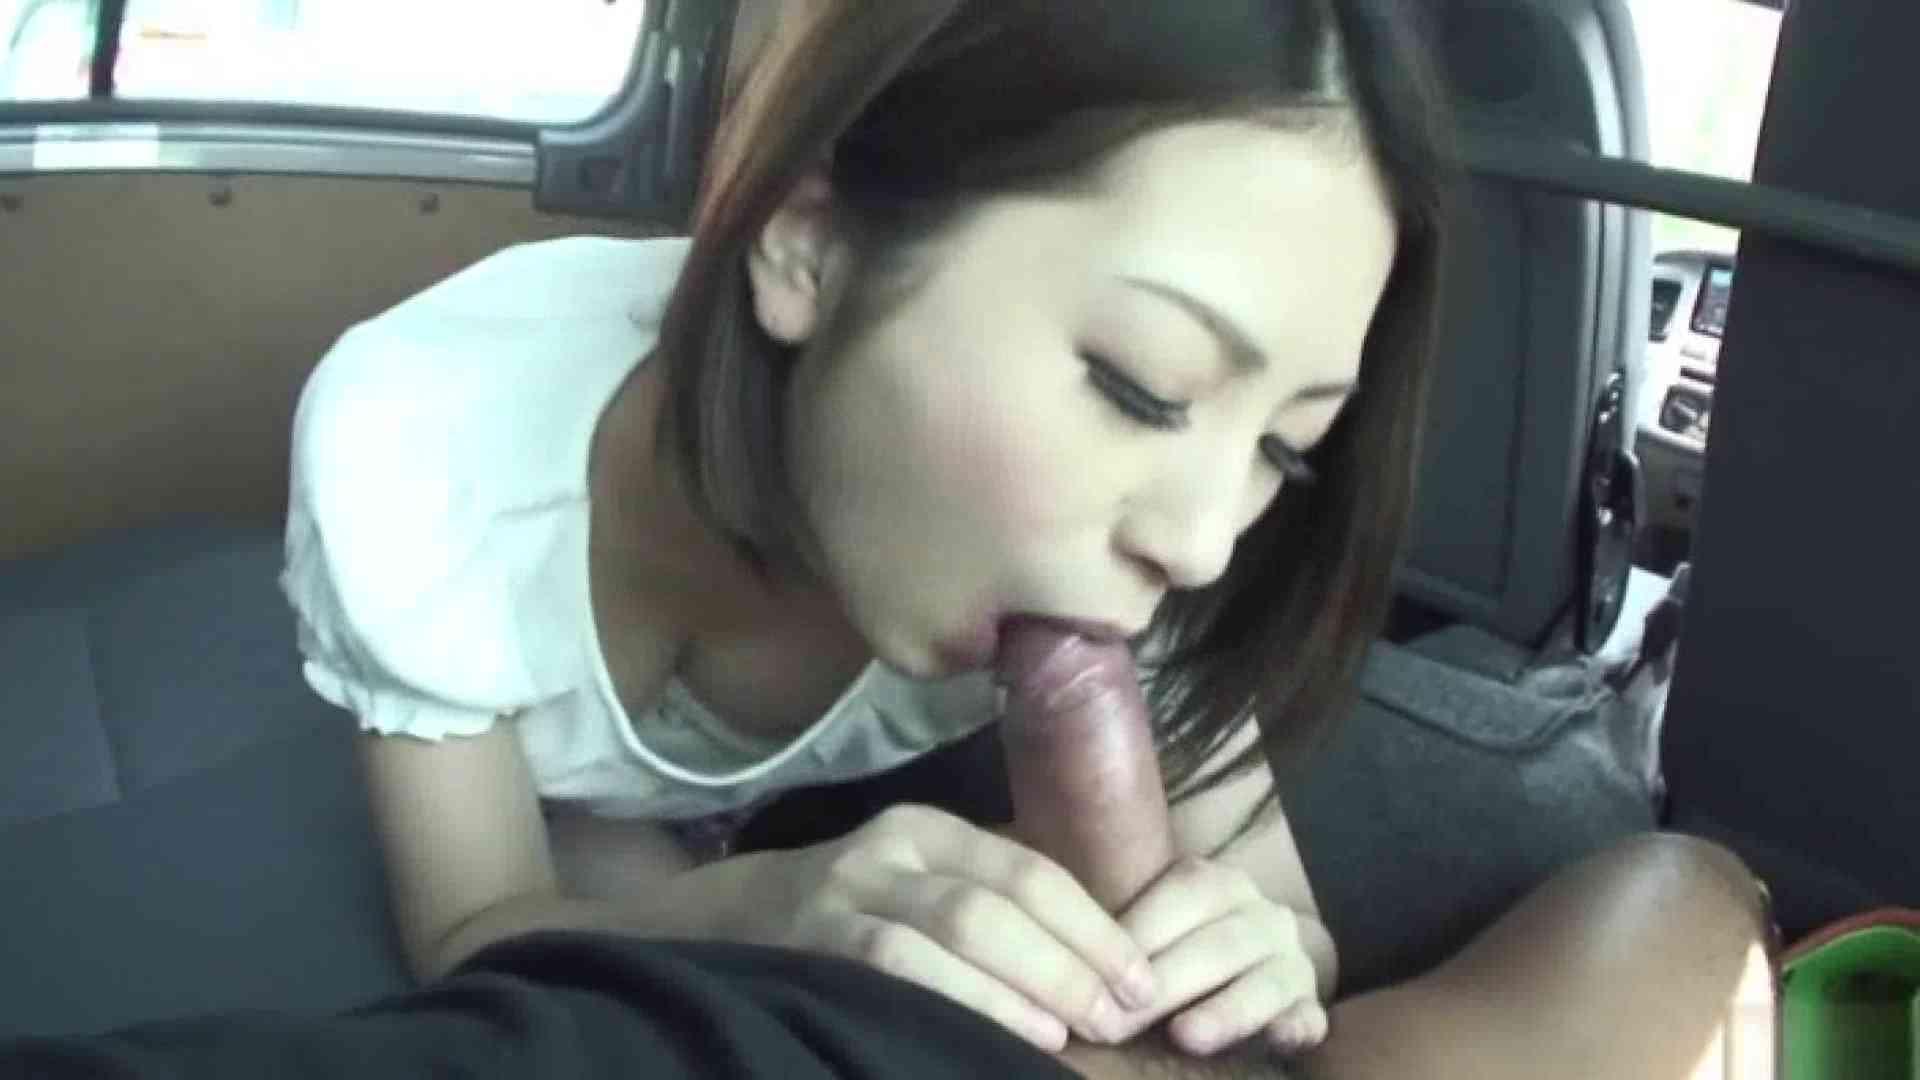 Hで可愛くてケシカラン! Vol.16 車 エロ無料画像 98pic 83